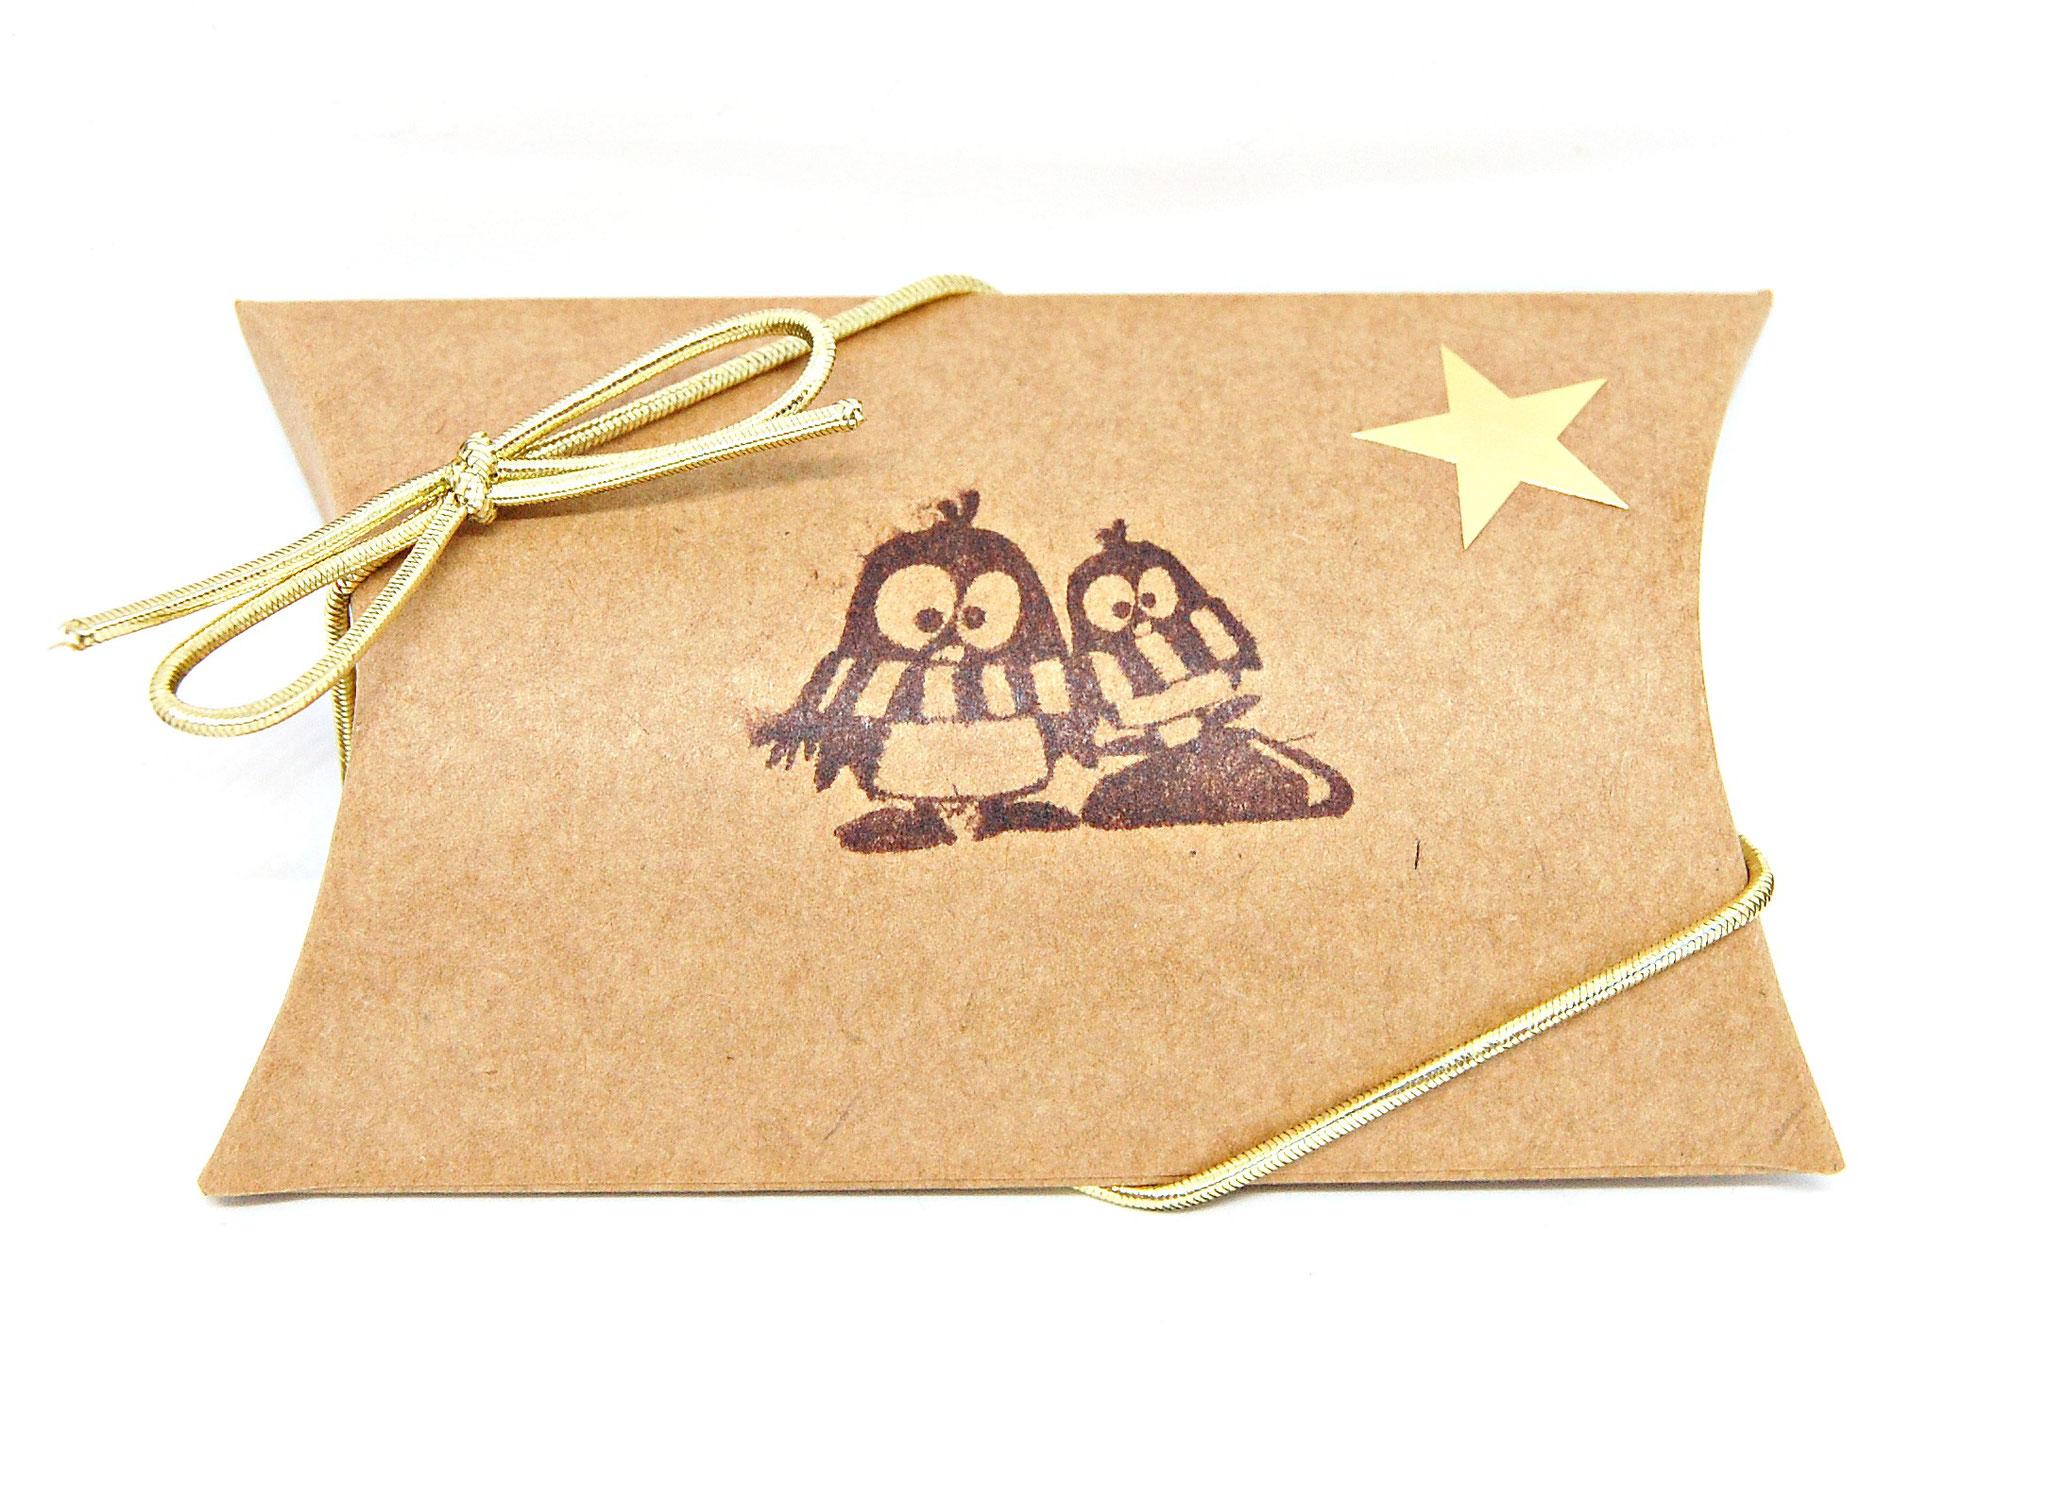 Weihnachtsgeschenke für Kunden und Mitarbeiter - Natürliche & Vegane ...